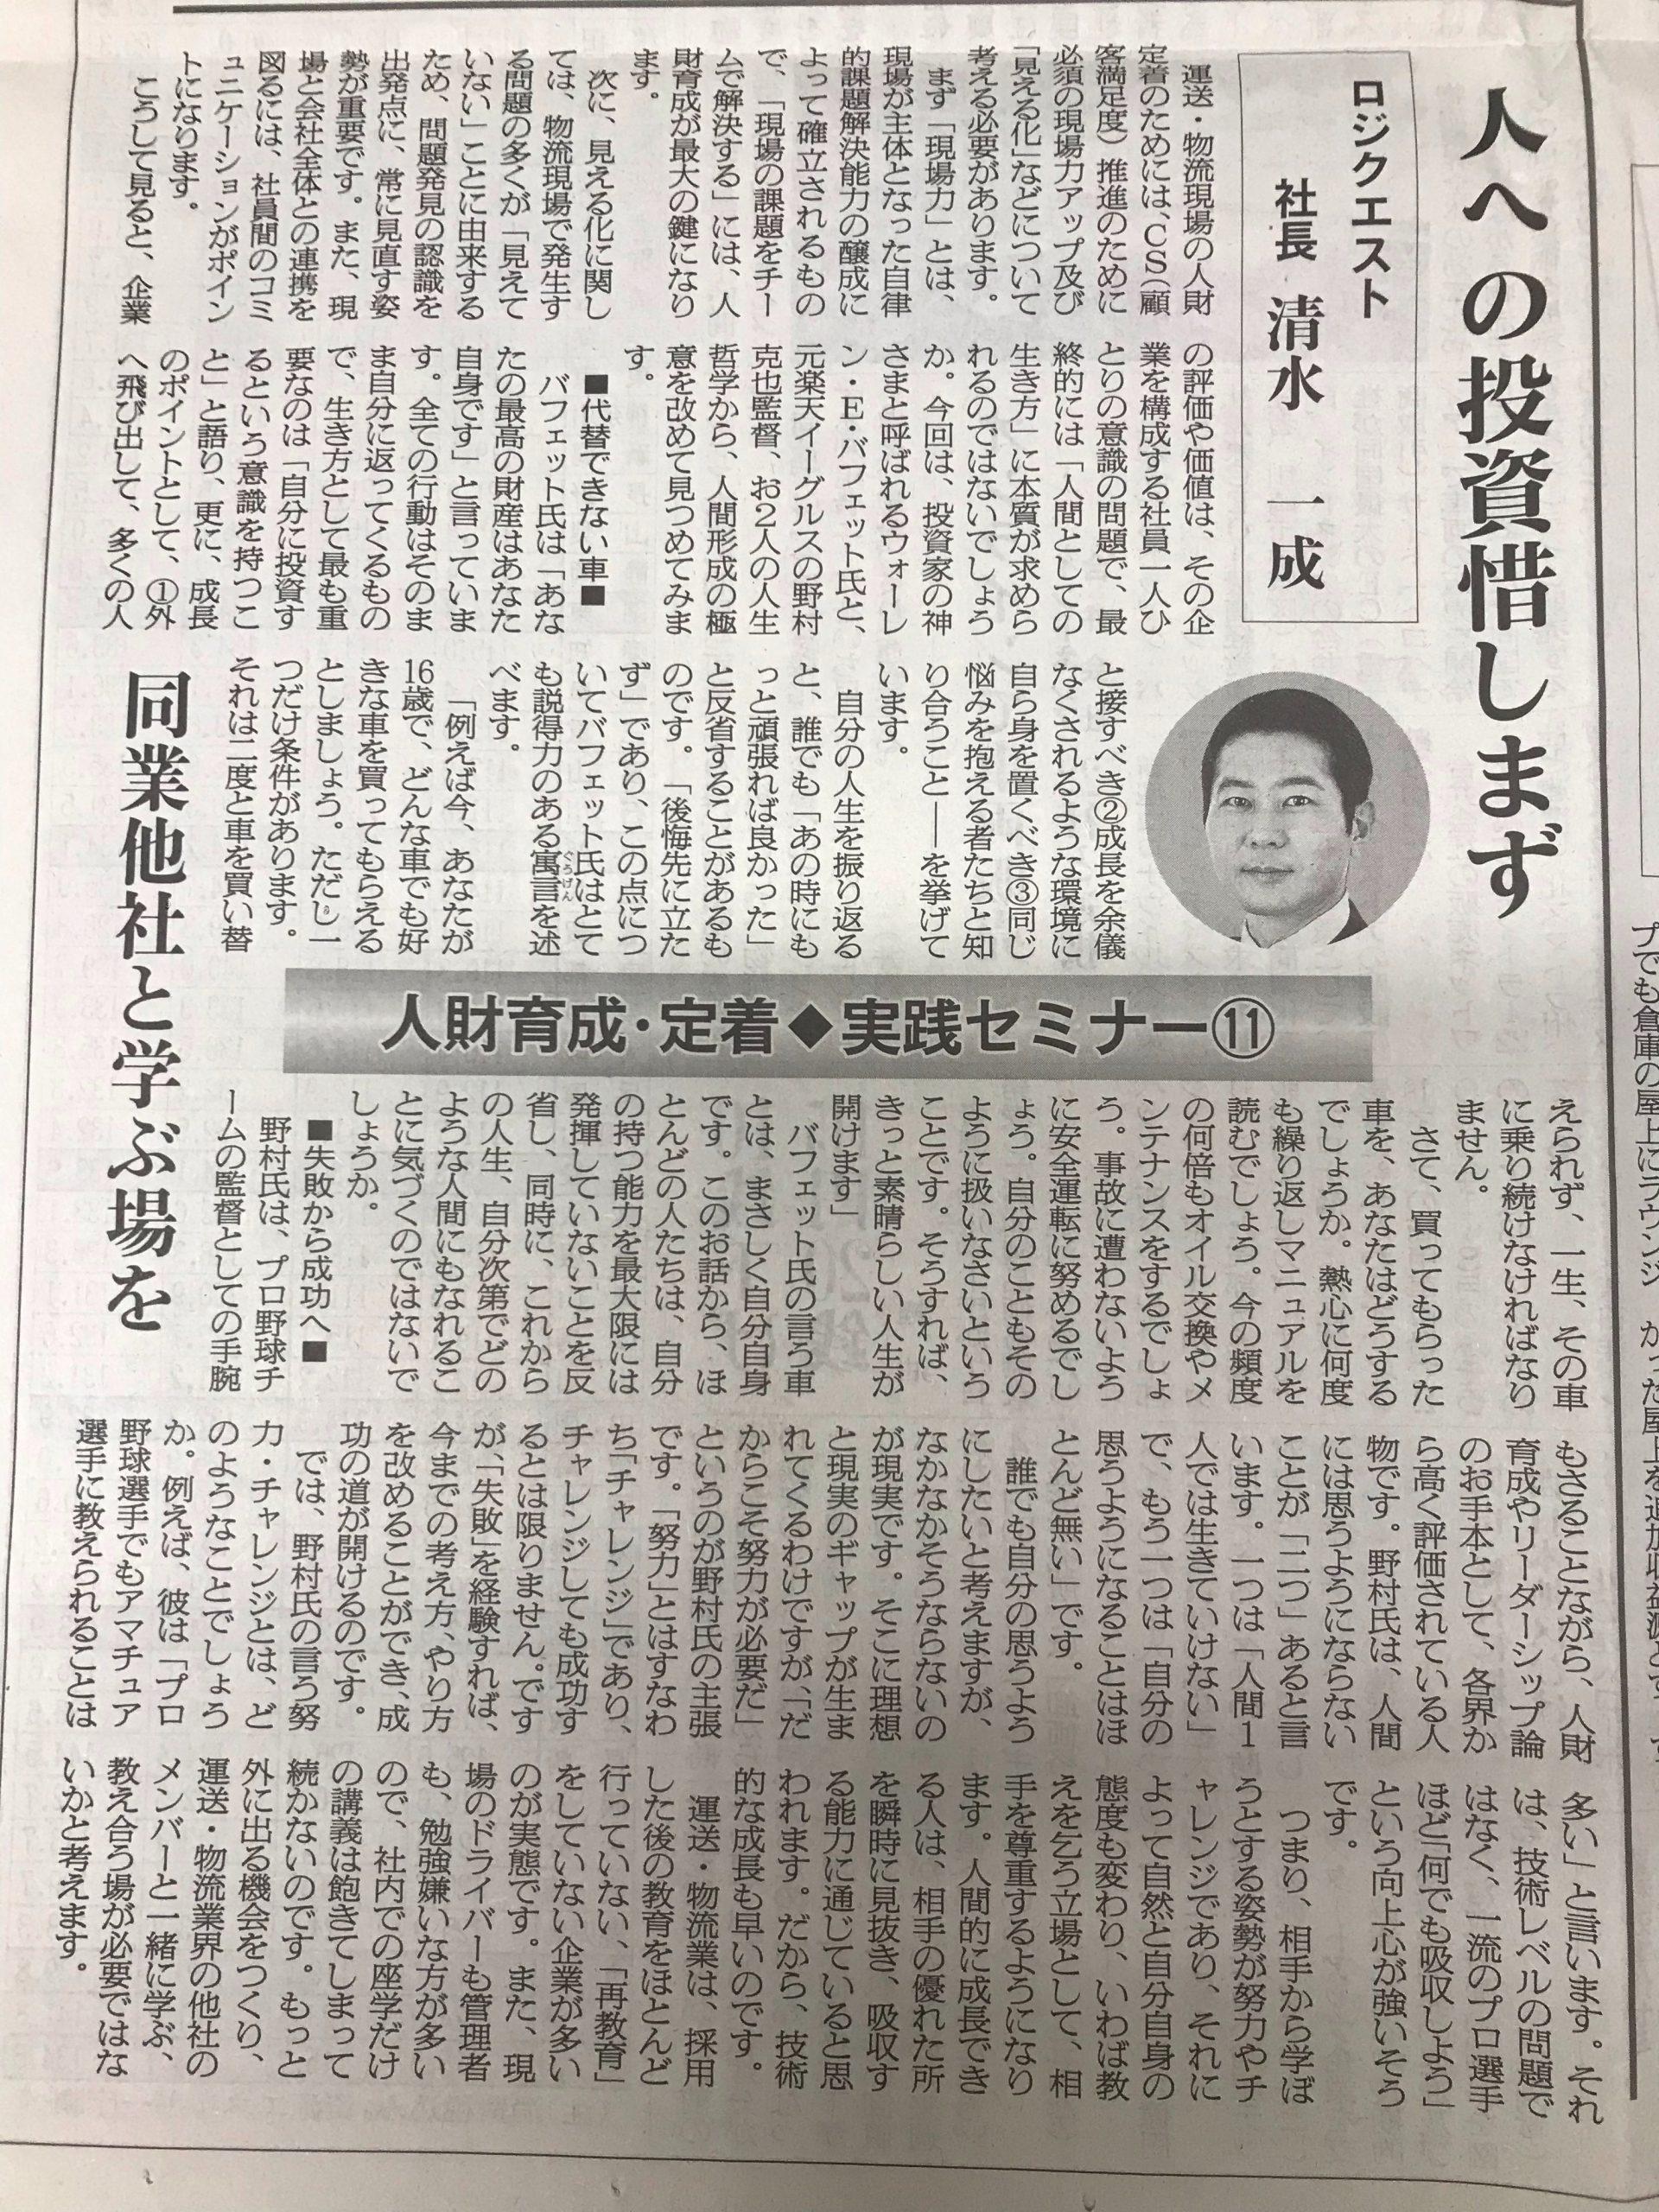 物流ニッポン 連載記事「人財育成・定着◆実践セミナー⑪ 人への投資惜しまず」